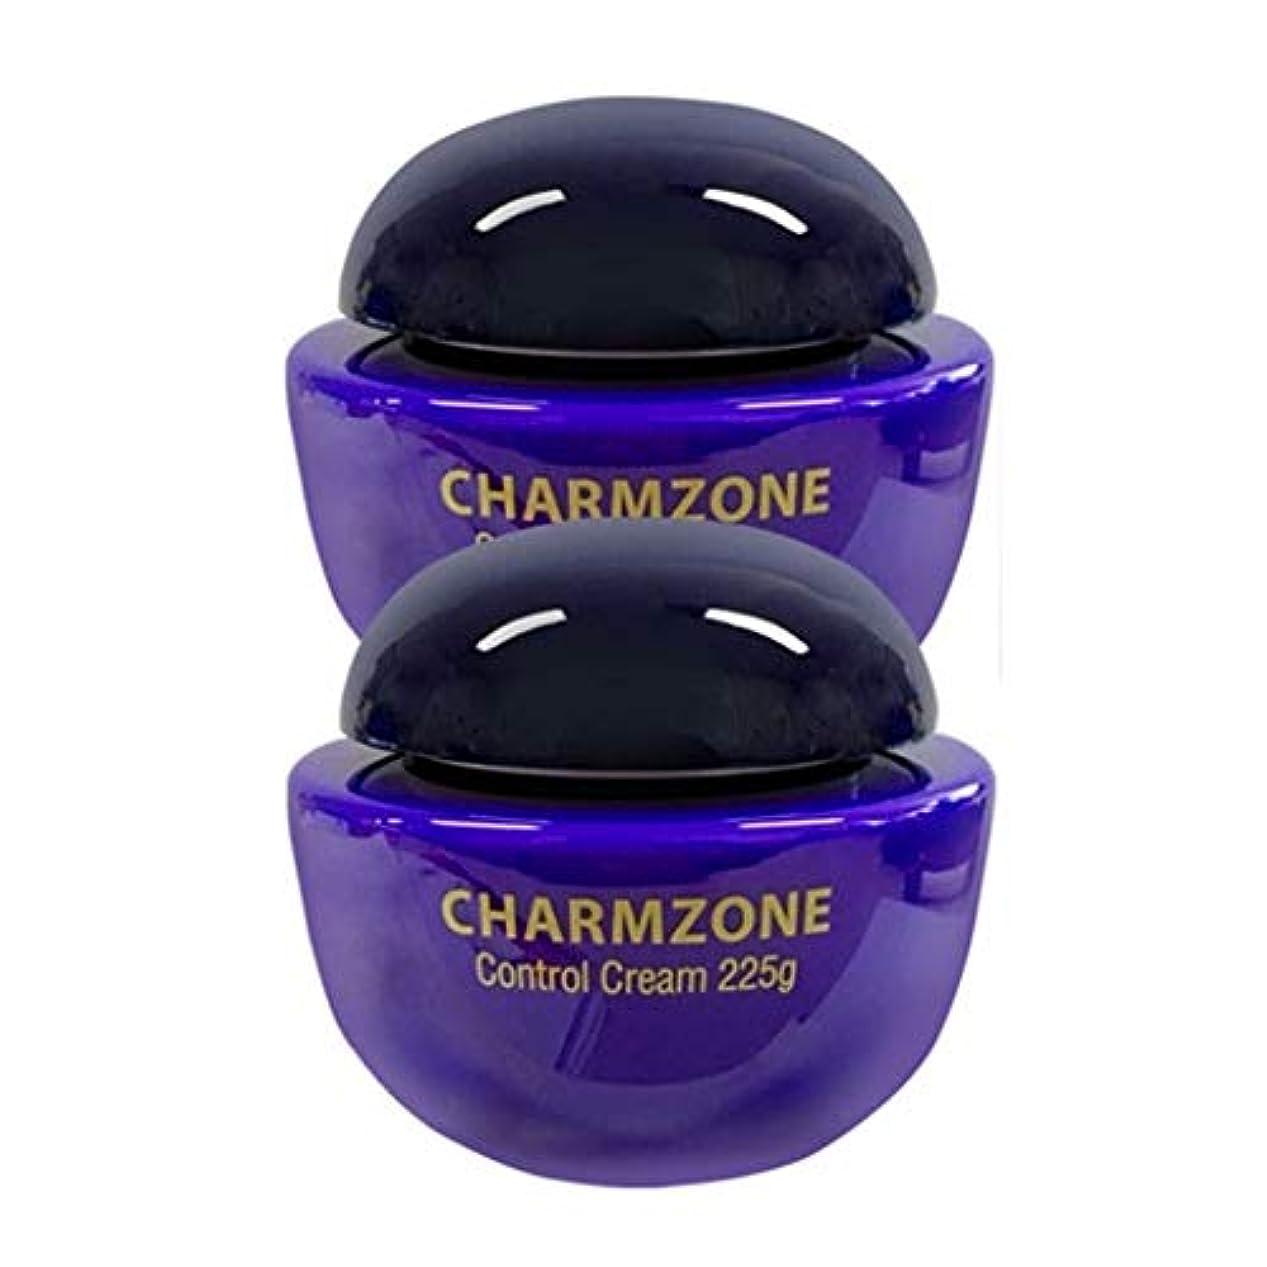 鼻虫を数える不安定なチャムジョンコントロールクリームマッサージクリーム225g x 2本セット、Charmzone Control Cream 225g x 2ea Set [並行輸入品]